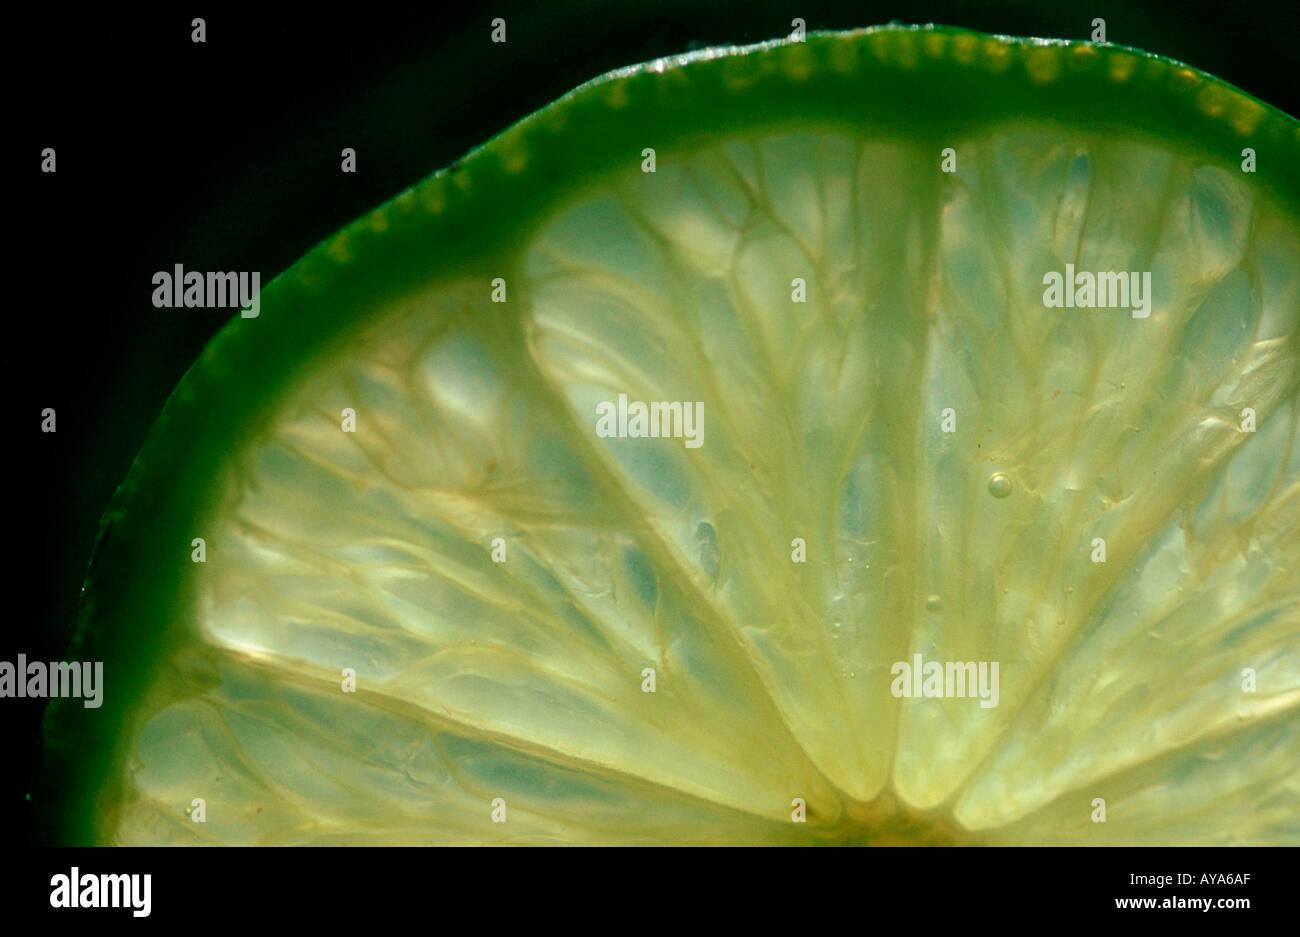 Lime fruits Citrus aurantiifolia Limettenscheibe Rautengewaechse Rutaceae Zitrusfruechte citrus fruits Frucht Nahrungsmittel Stock Photo